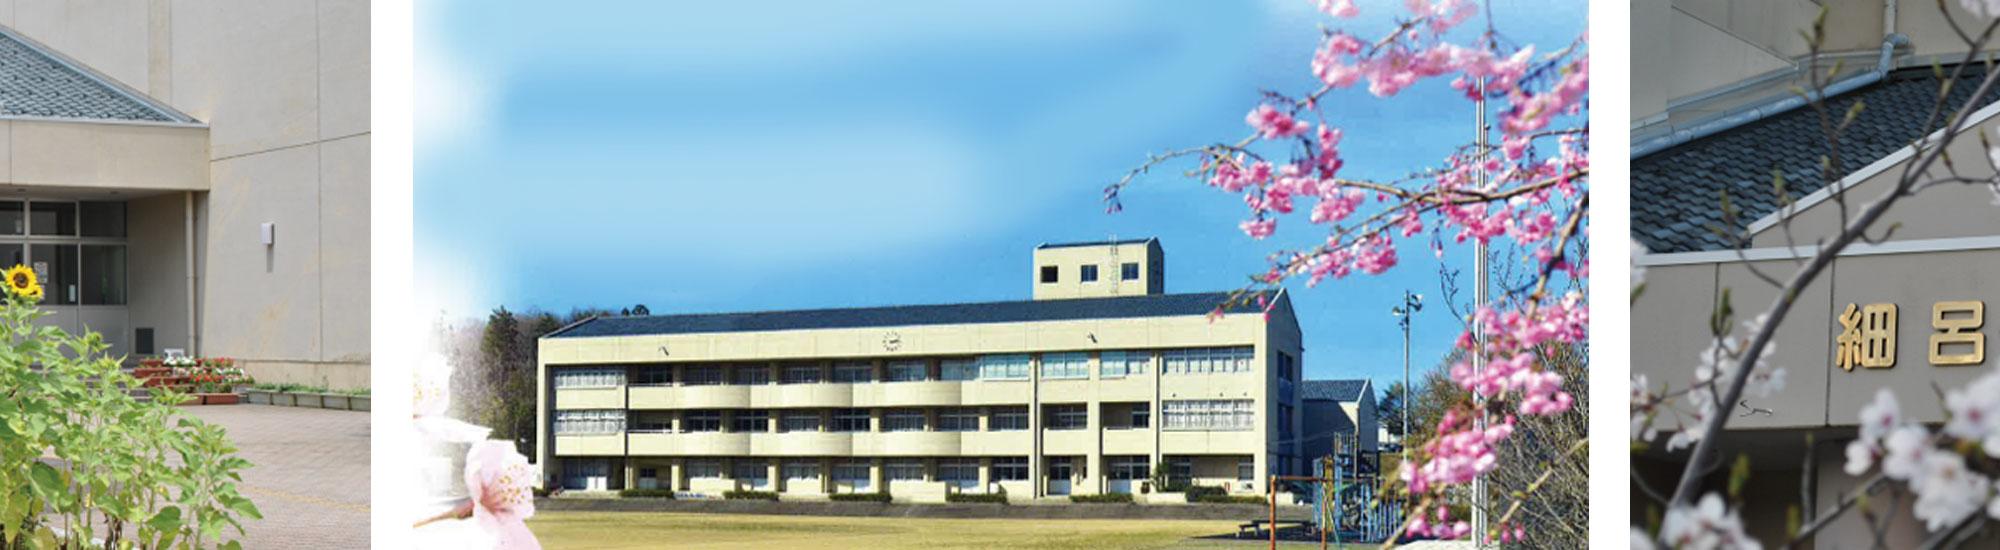 梅の木が映える細呂木小学校の校舎です